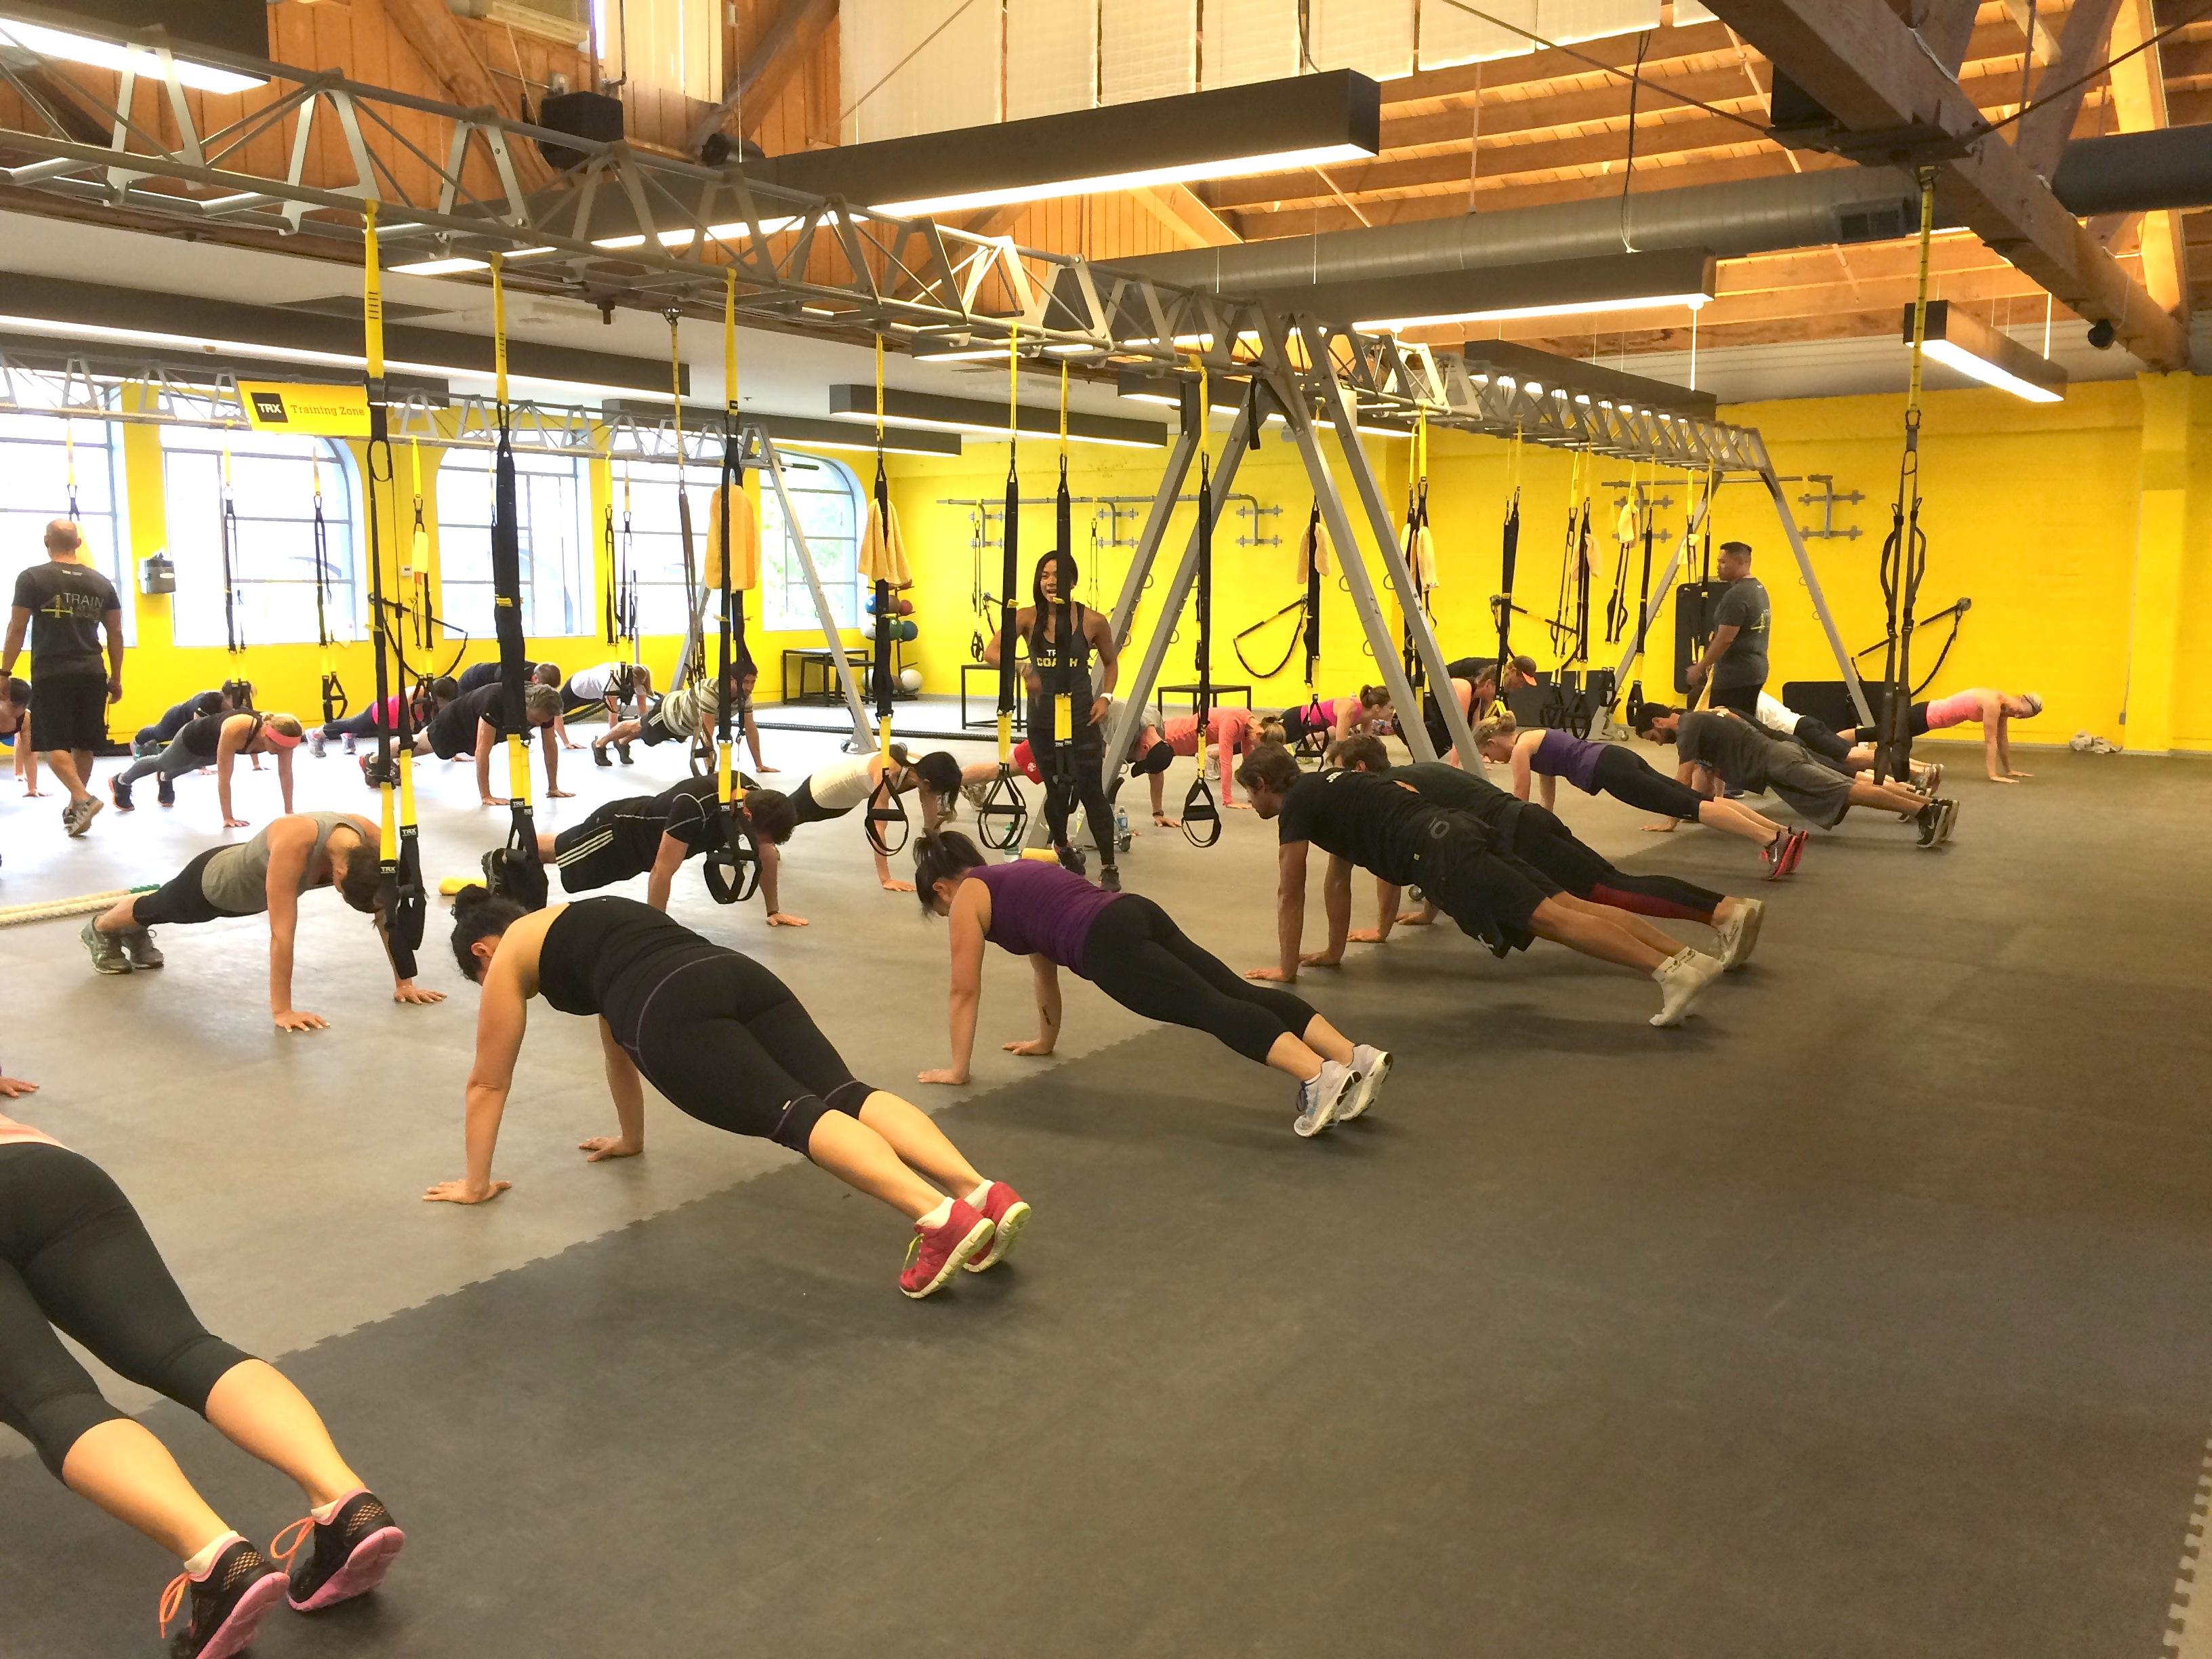 Image via TRX Training Center